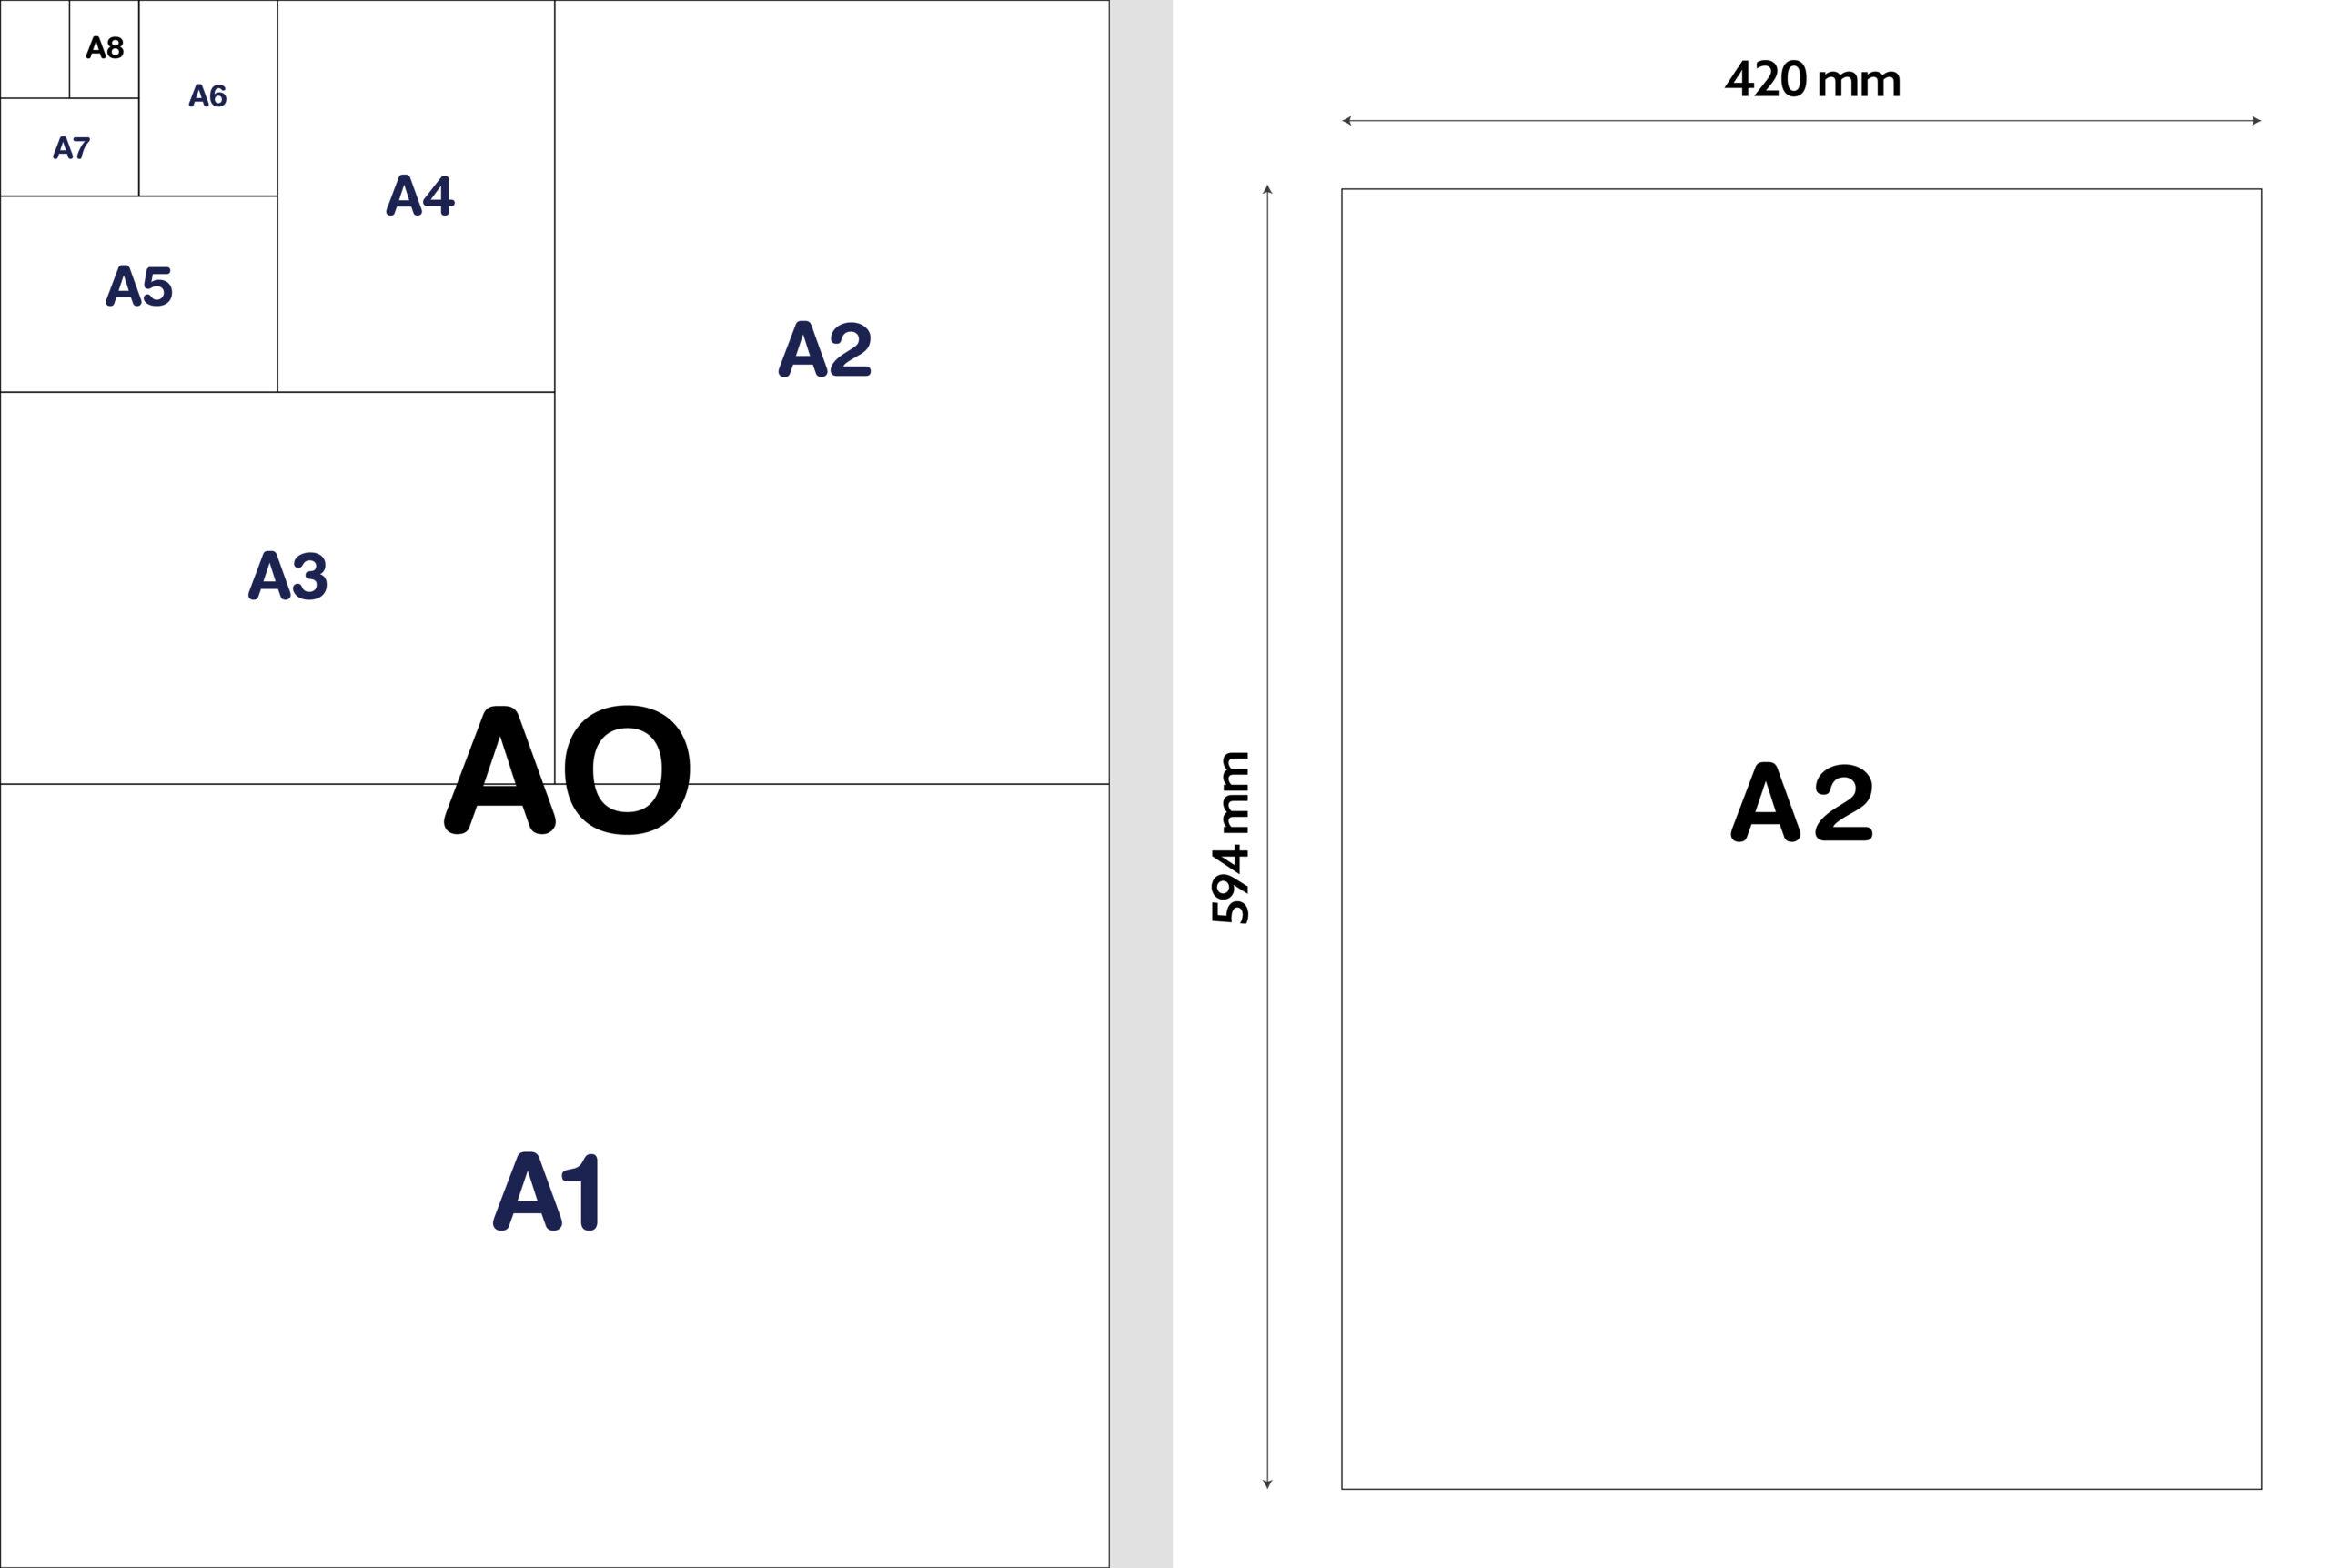 Ukuran Kertas A2 dan seri A lainnya